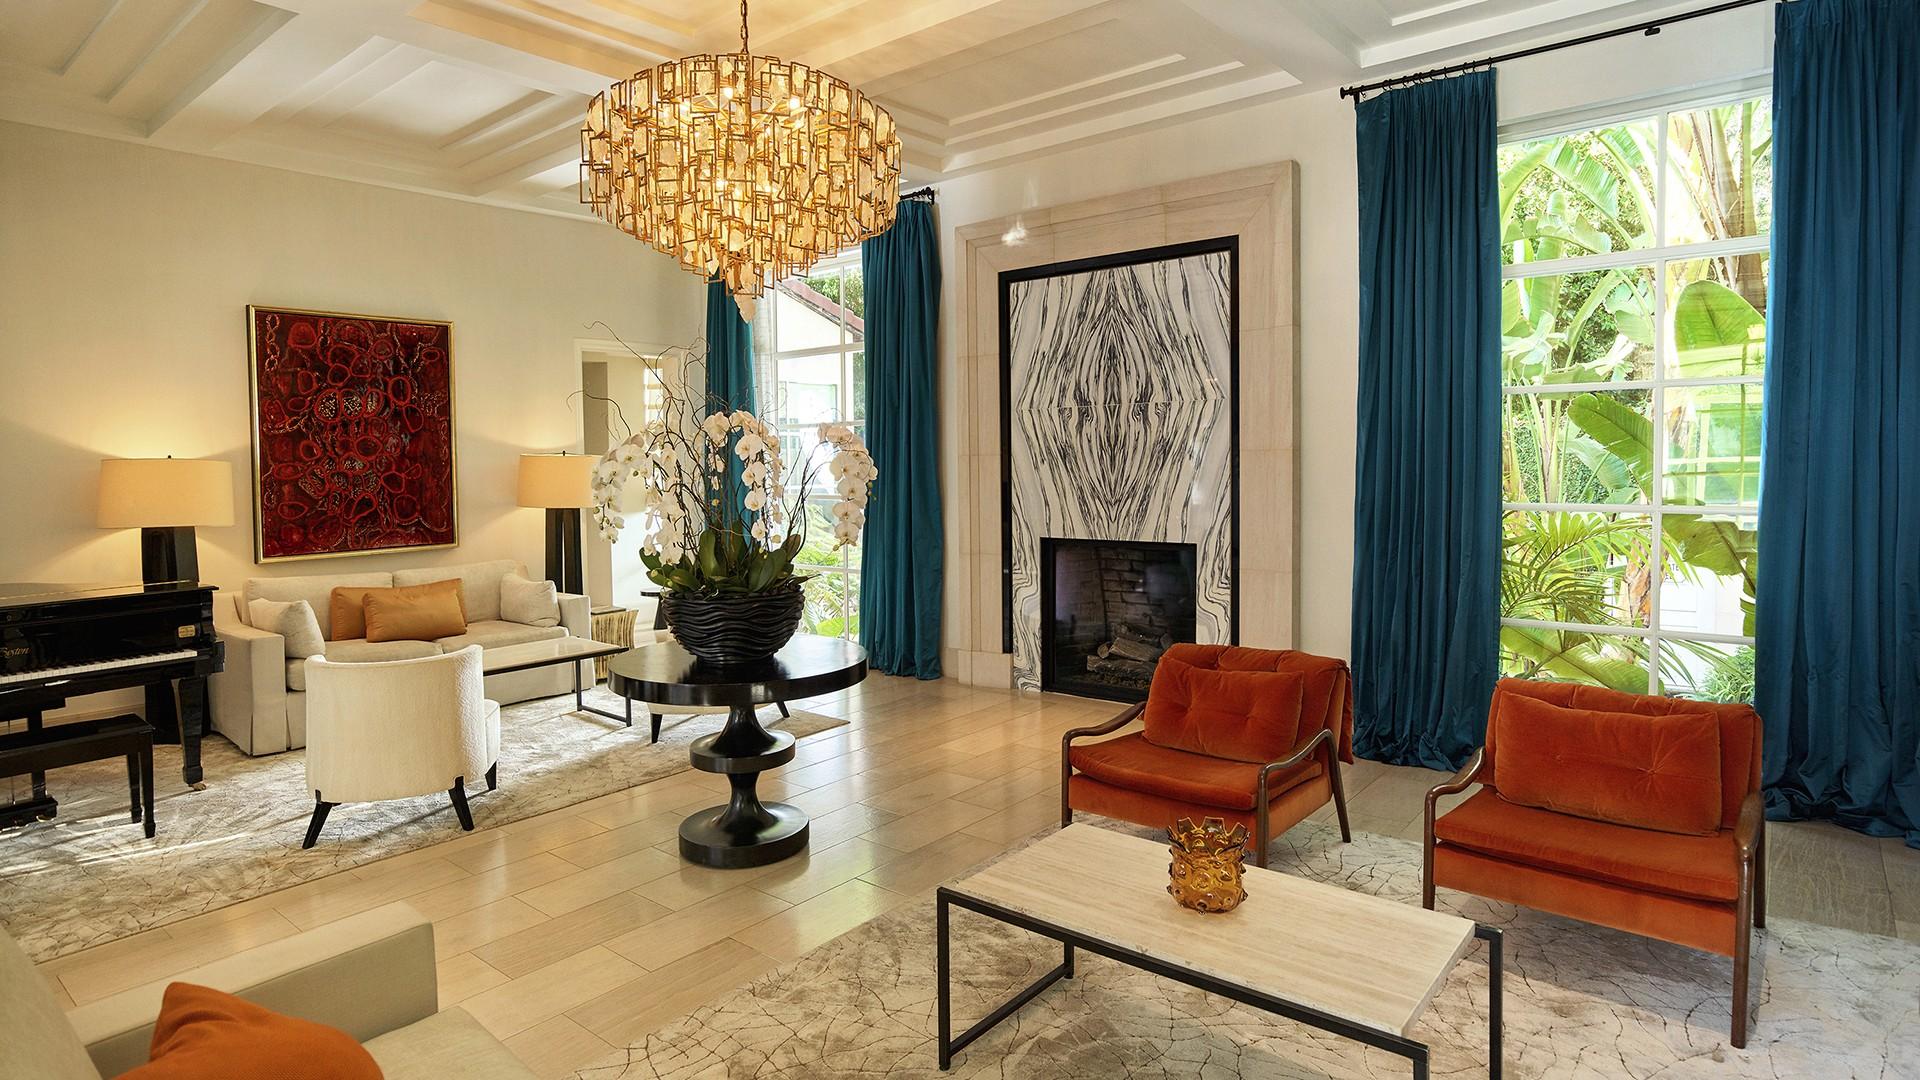 Presidential Suite, Hotel Bel Air